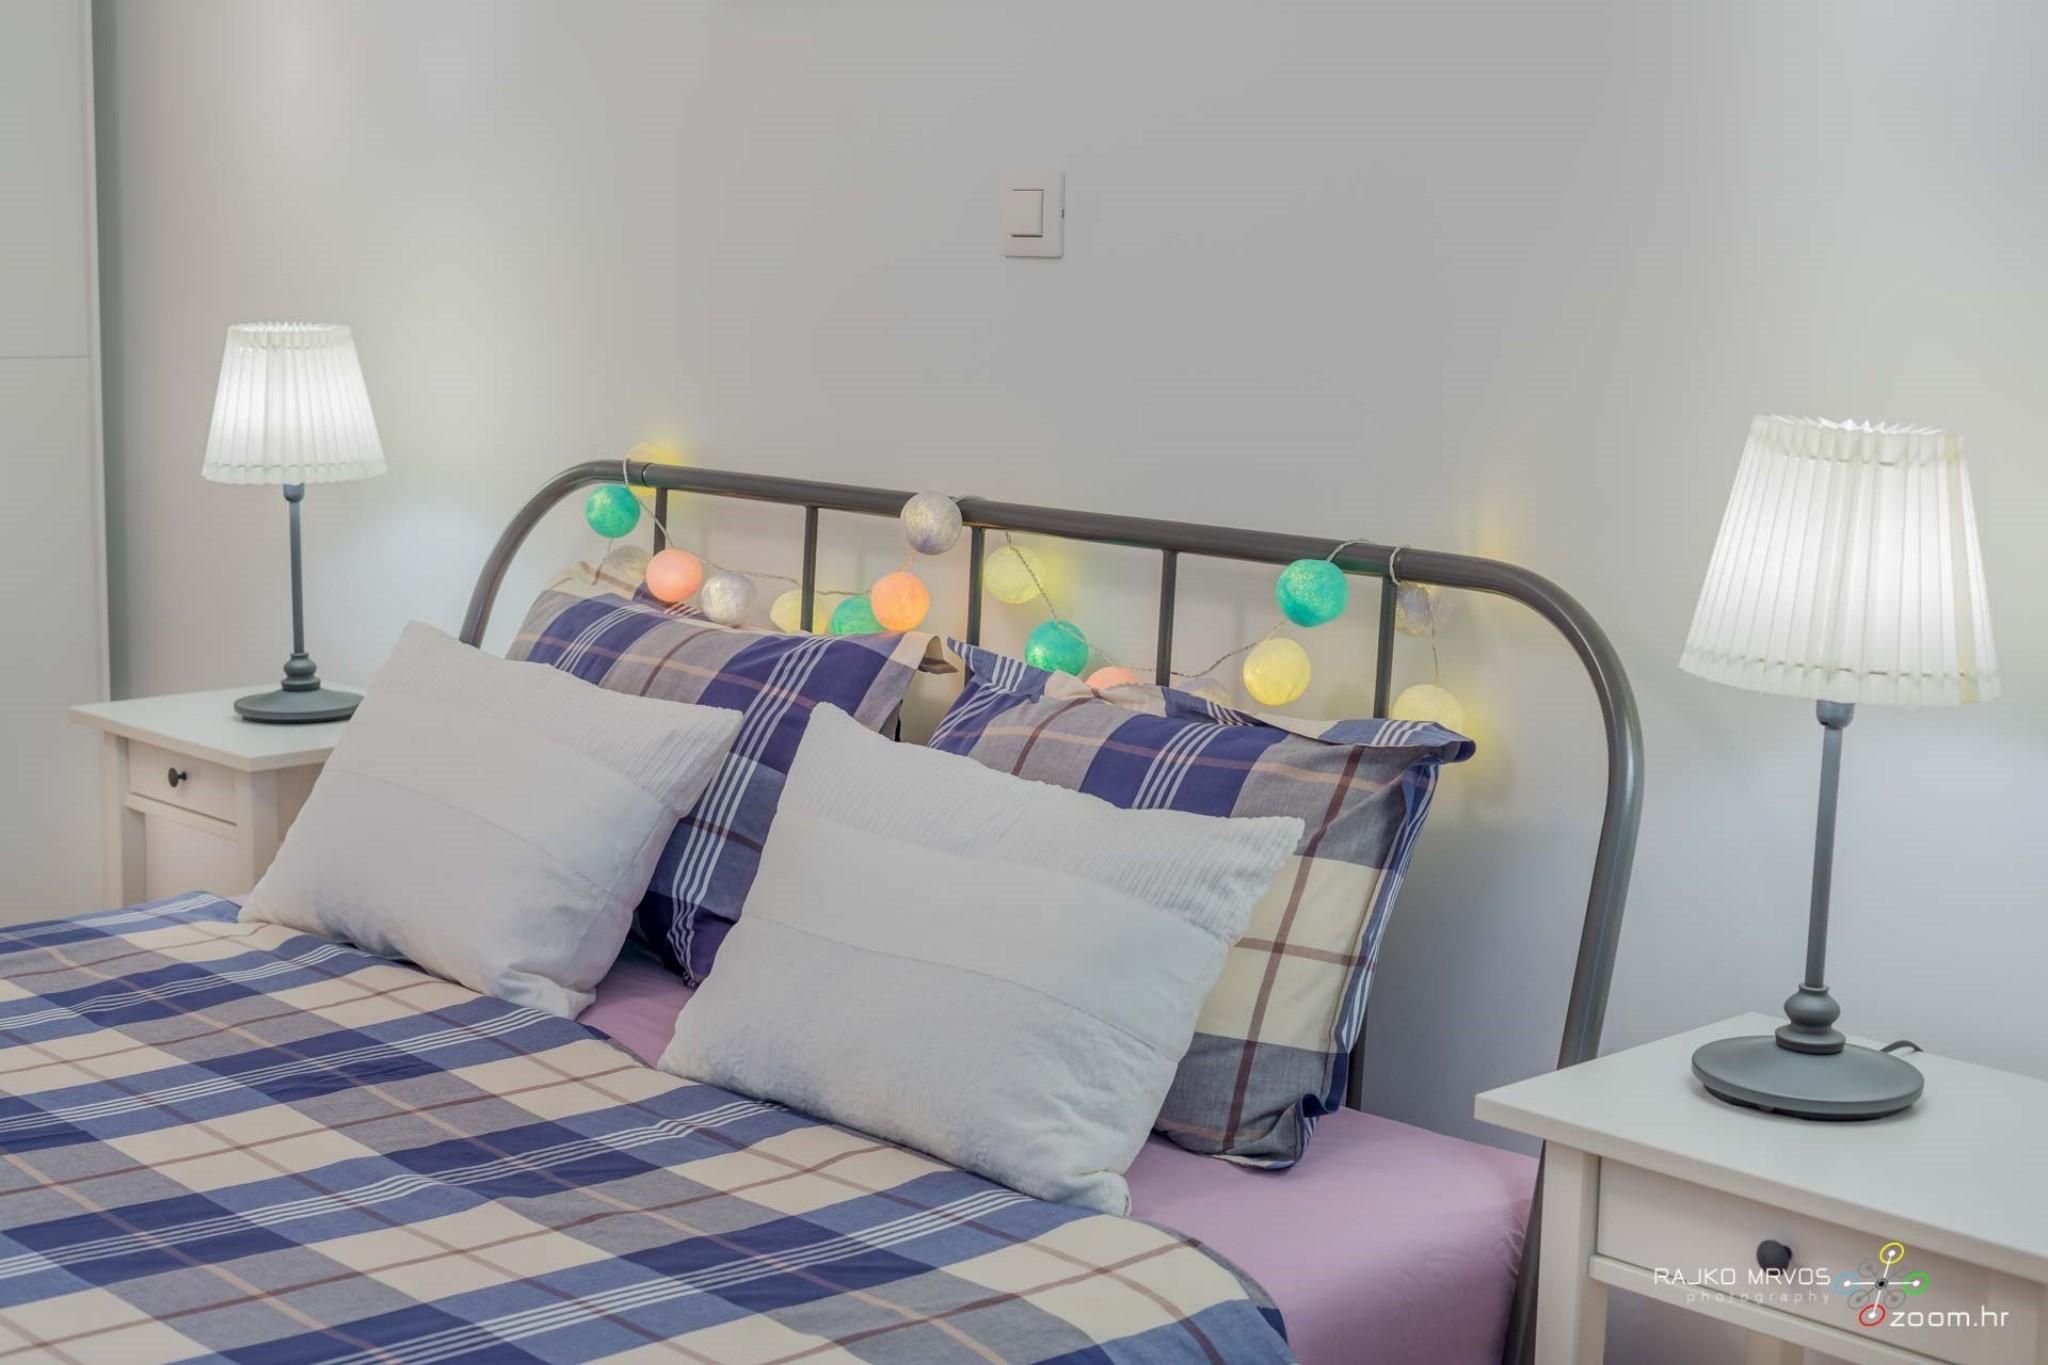 fotograf-interijera-fotograf-eksterijera-slikanje-apartmana-Central-Rijeka-Apartments-21